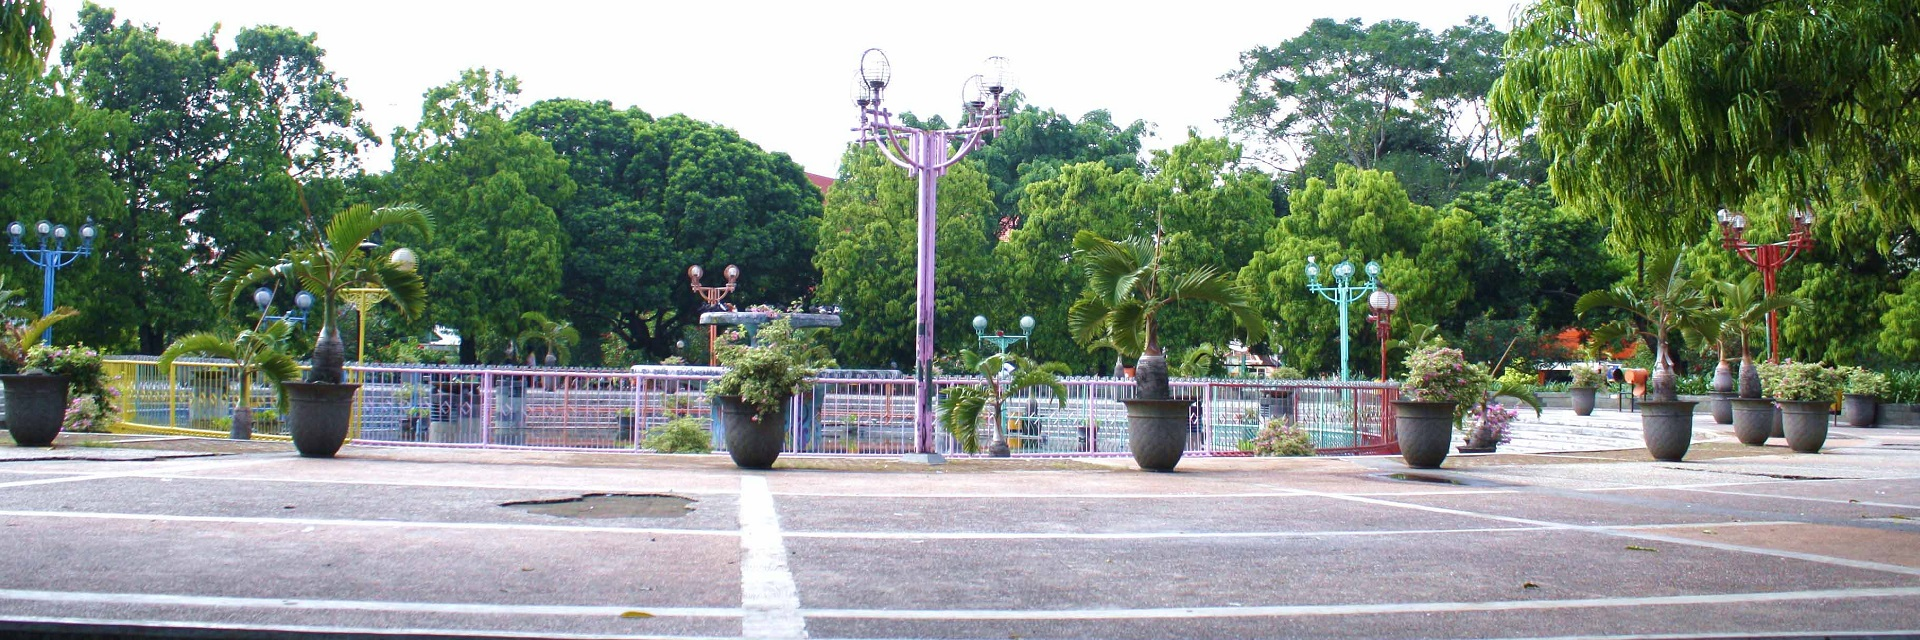 6 KawasanTerbuka Hijau dan Destinasi Wisata Gratis di Kota Malang